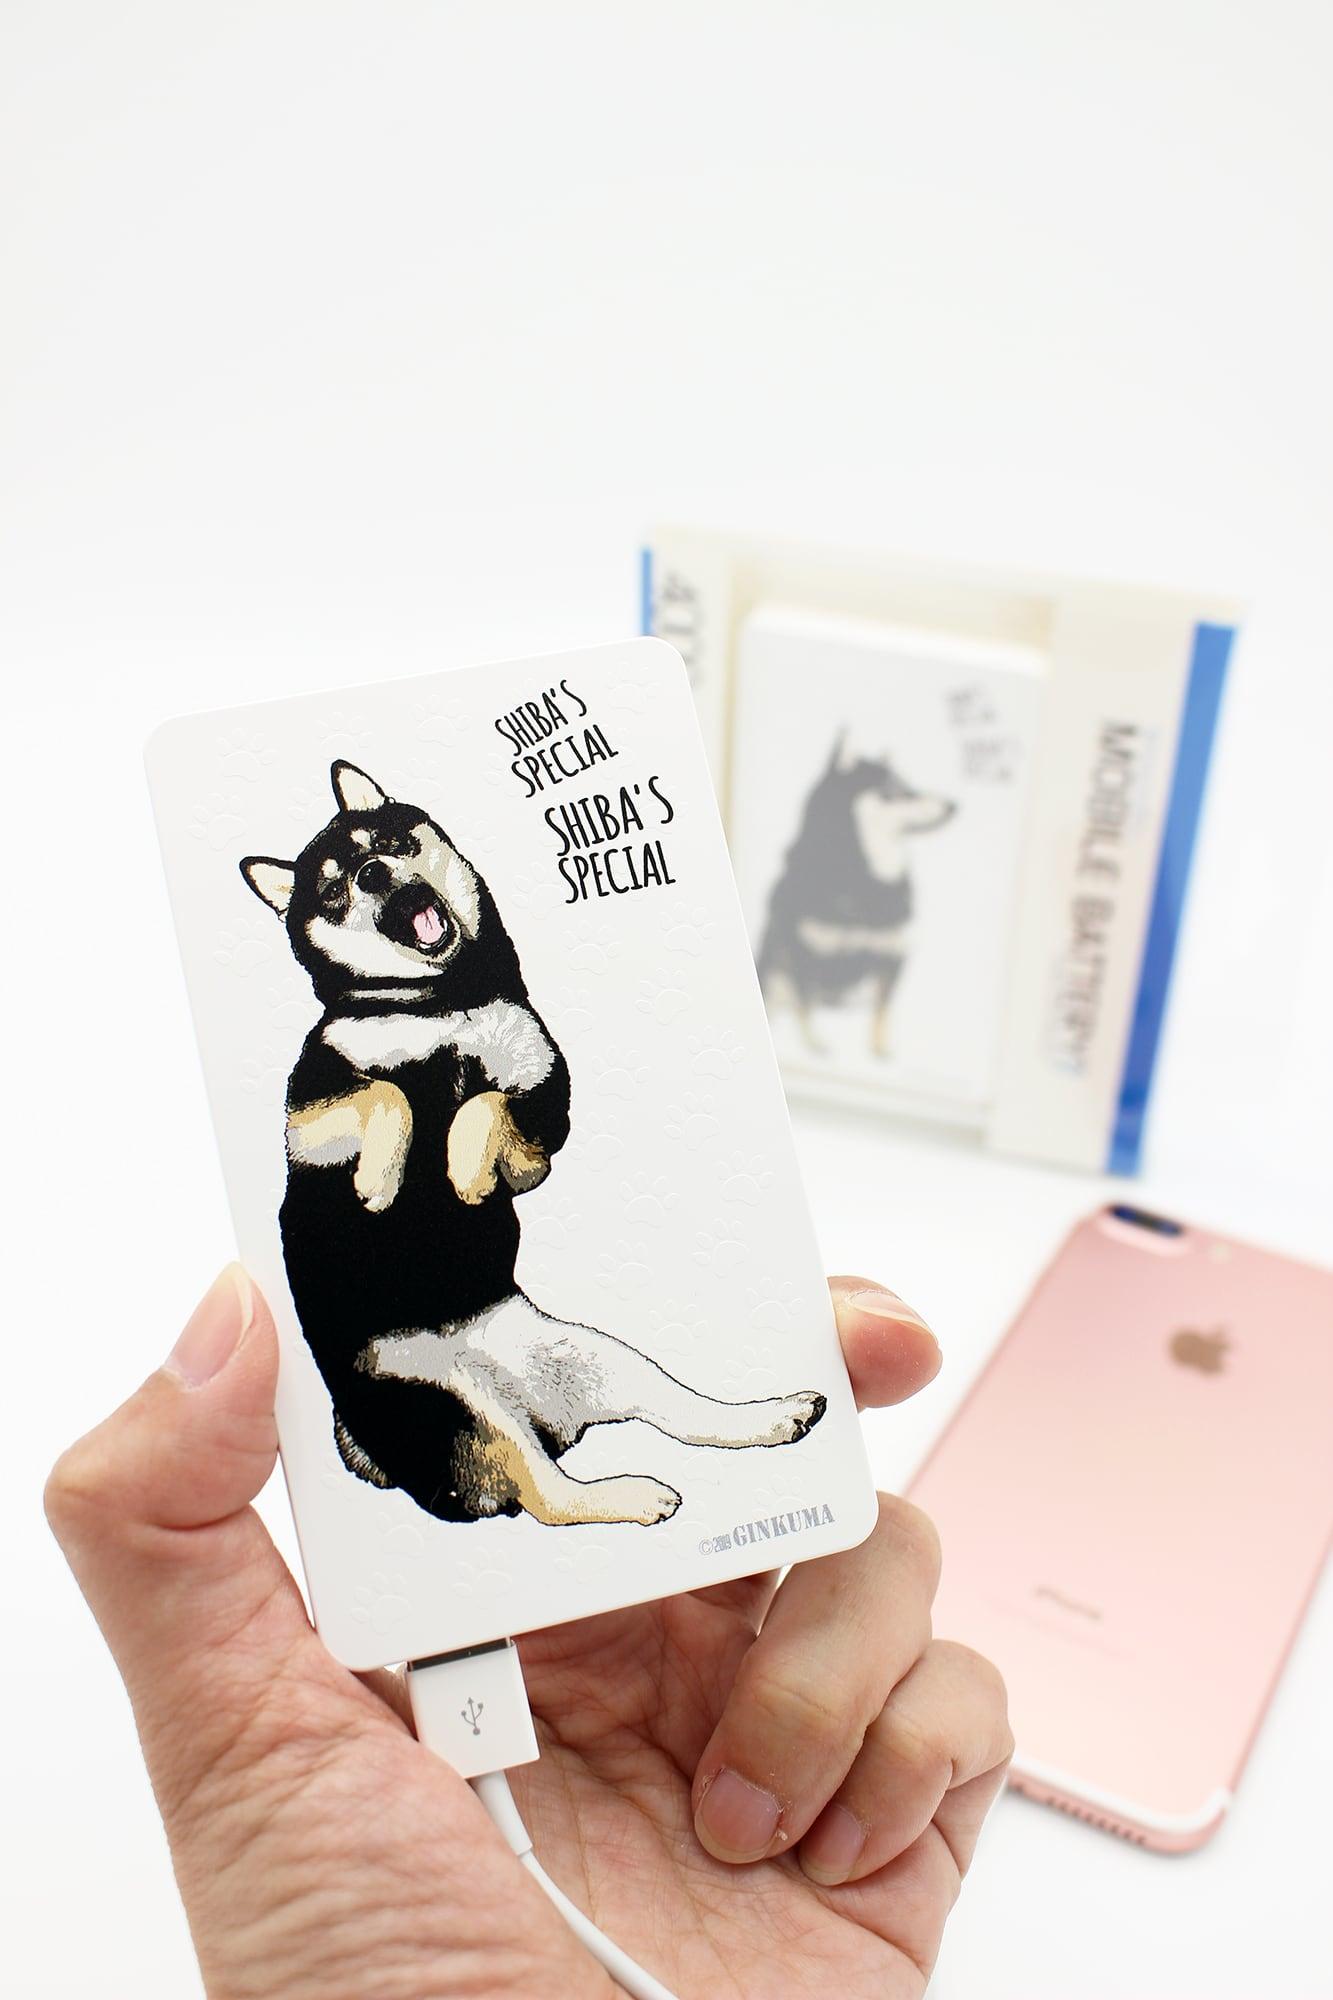 [受注] SHIBA'S SPECIAL 黒柴モバイルバッテリー